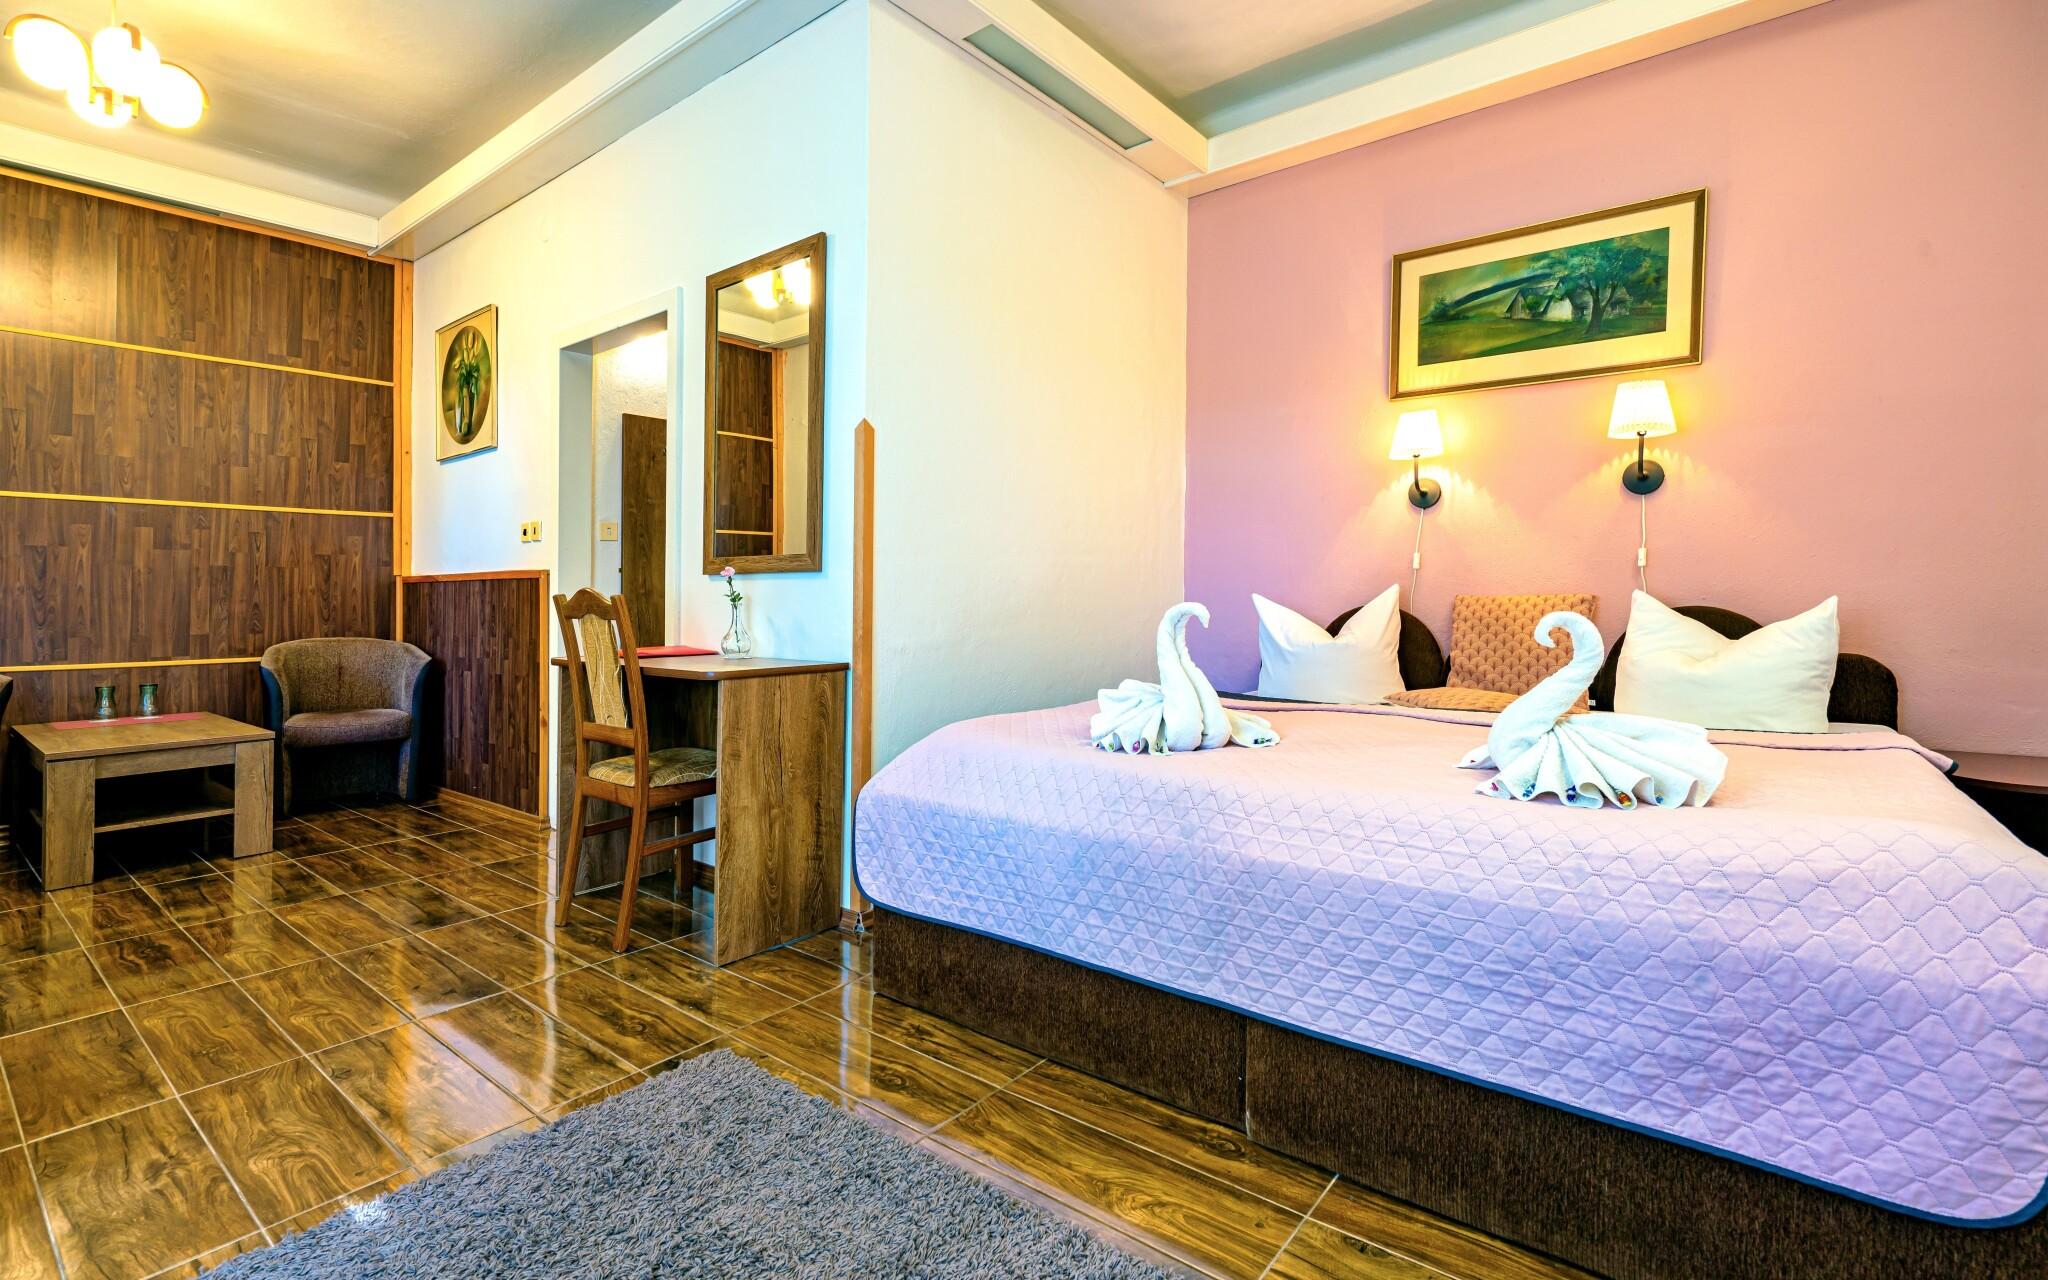 Izba Standard, Hotel Džbán v Karlovej Studánke